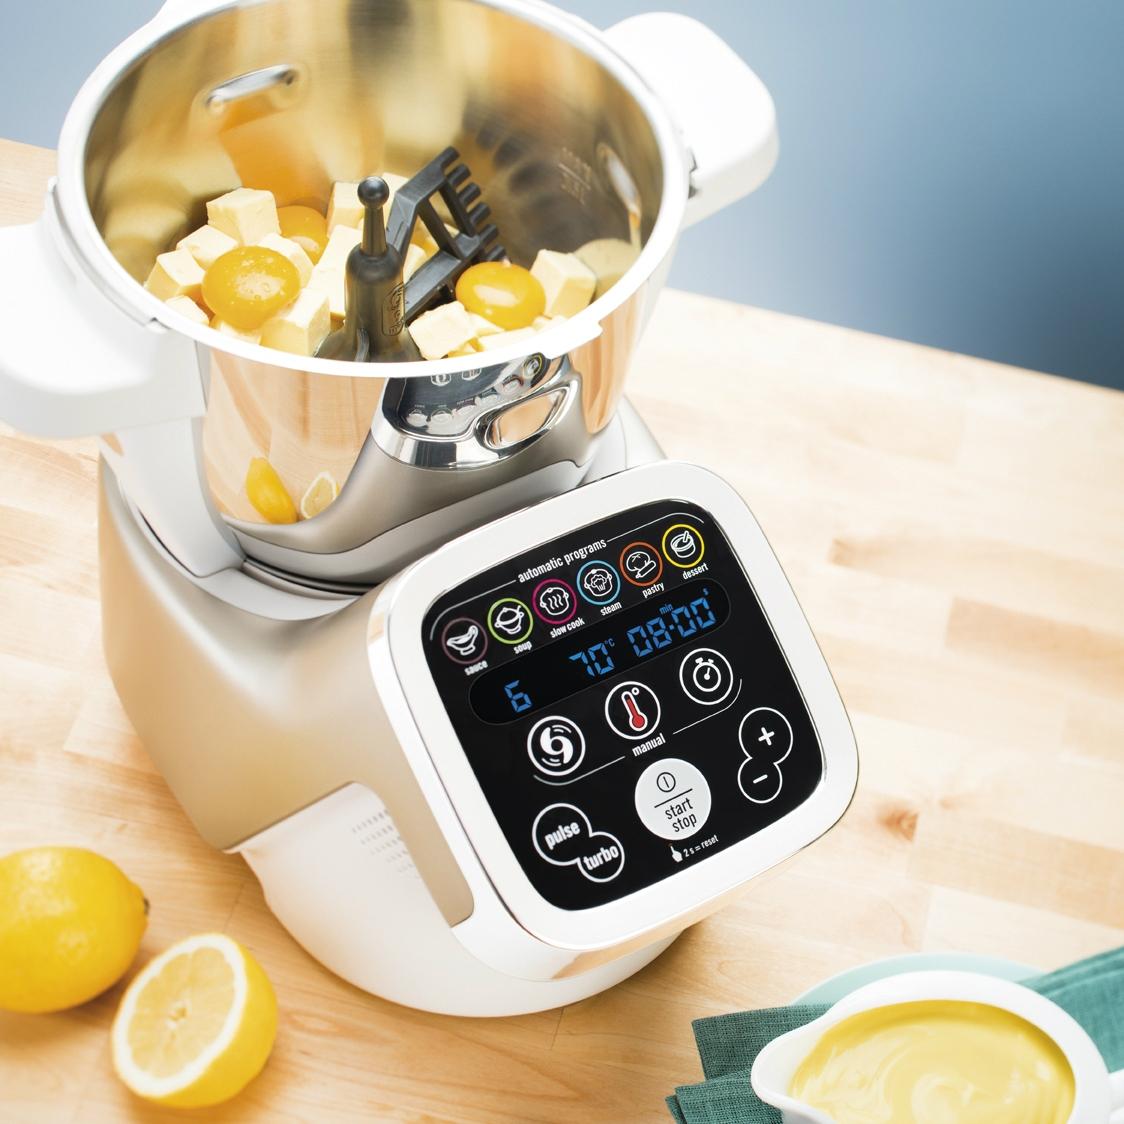 Robot multifonction hf800 moulinex pickture - Robot cuiseur moulinex hf800 companion cuisine ...